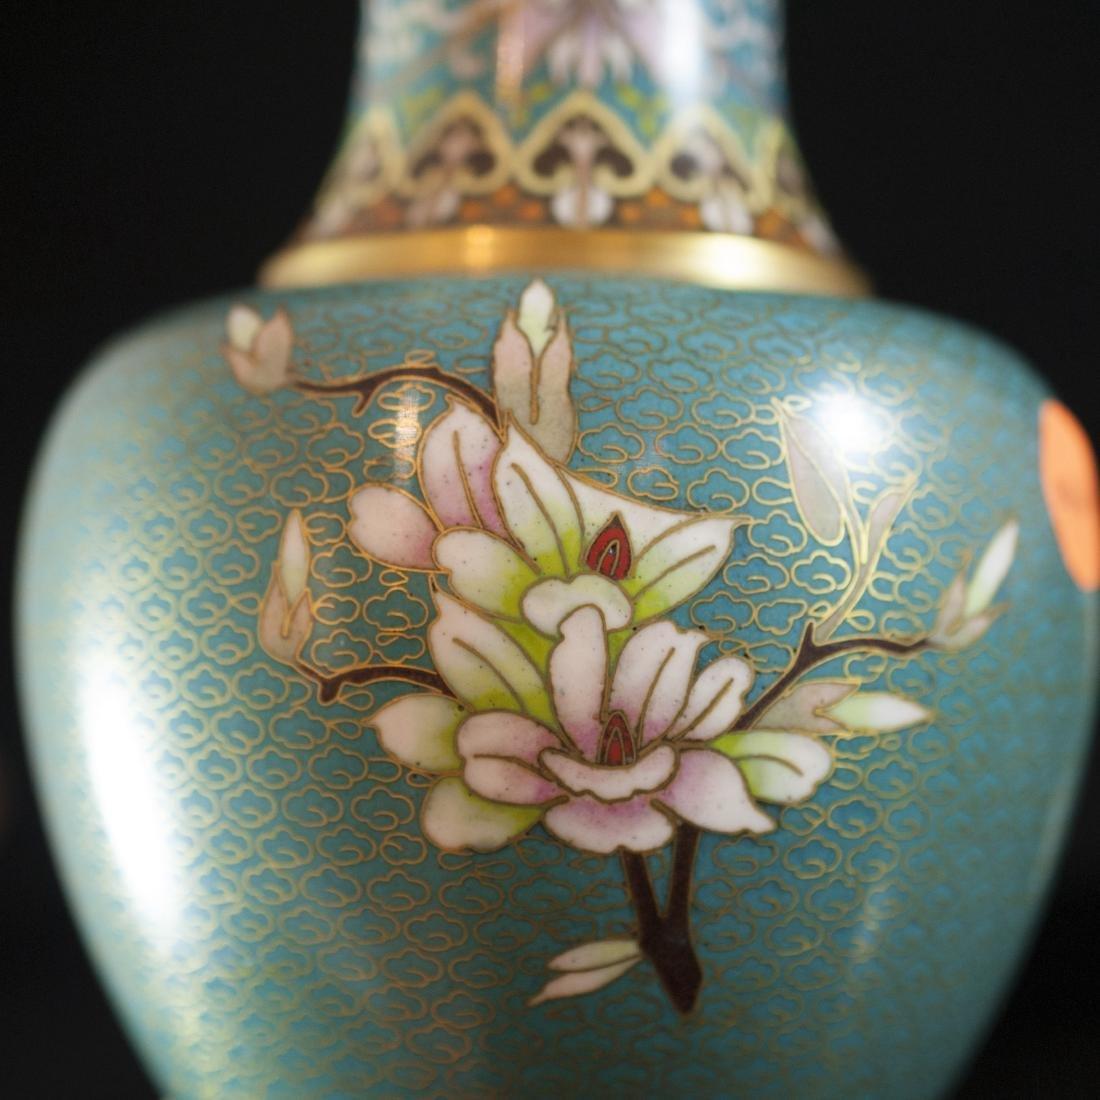 Chinese Enameled Cloisonne Vases - 3